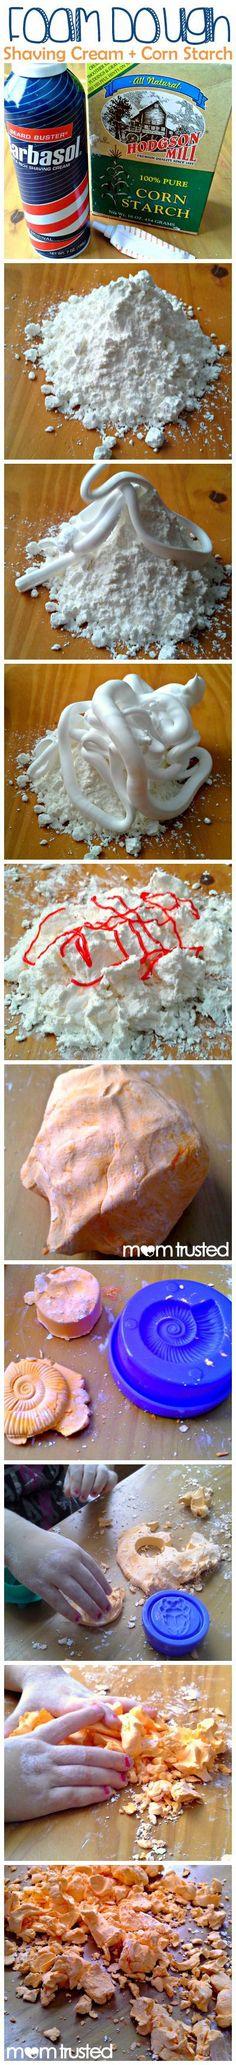 foam dough aka moon dough recipe